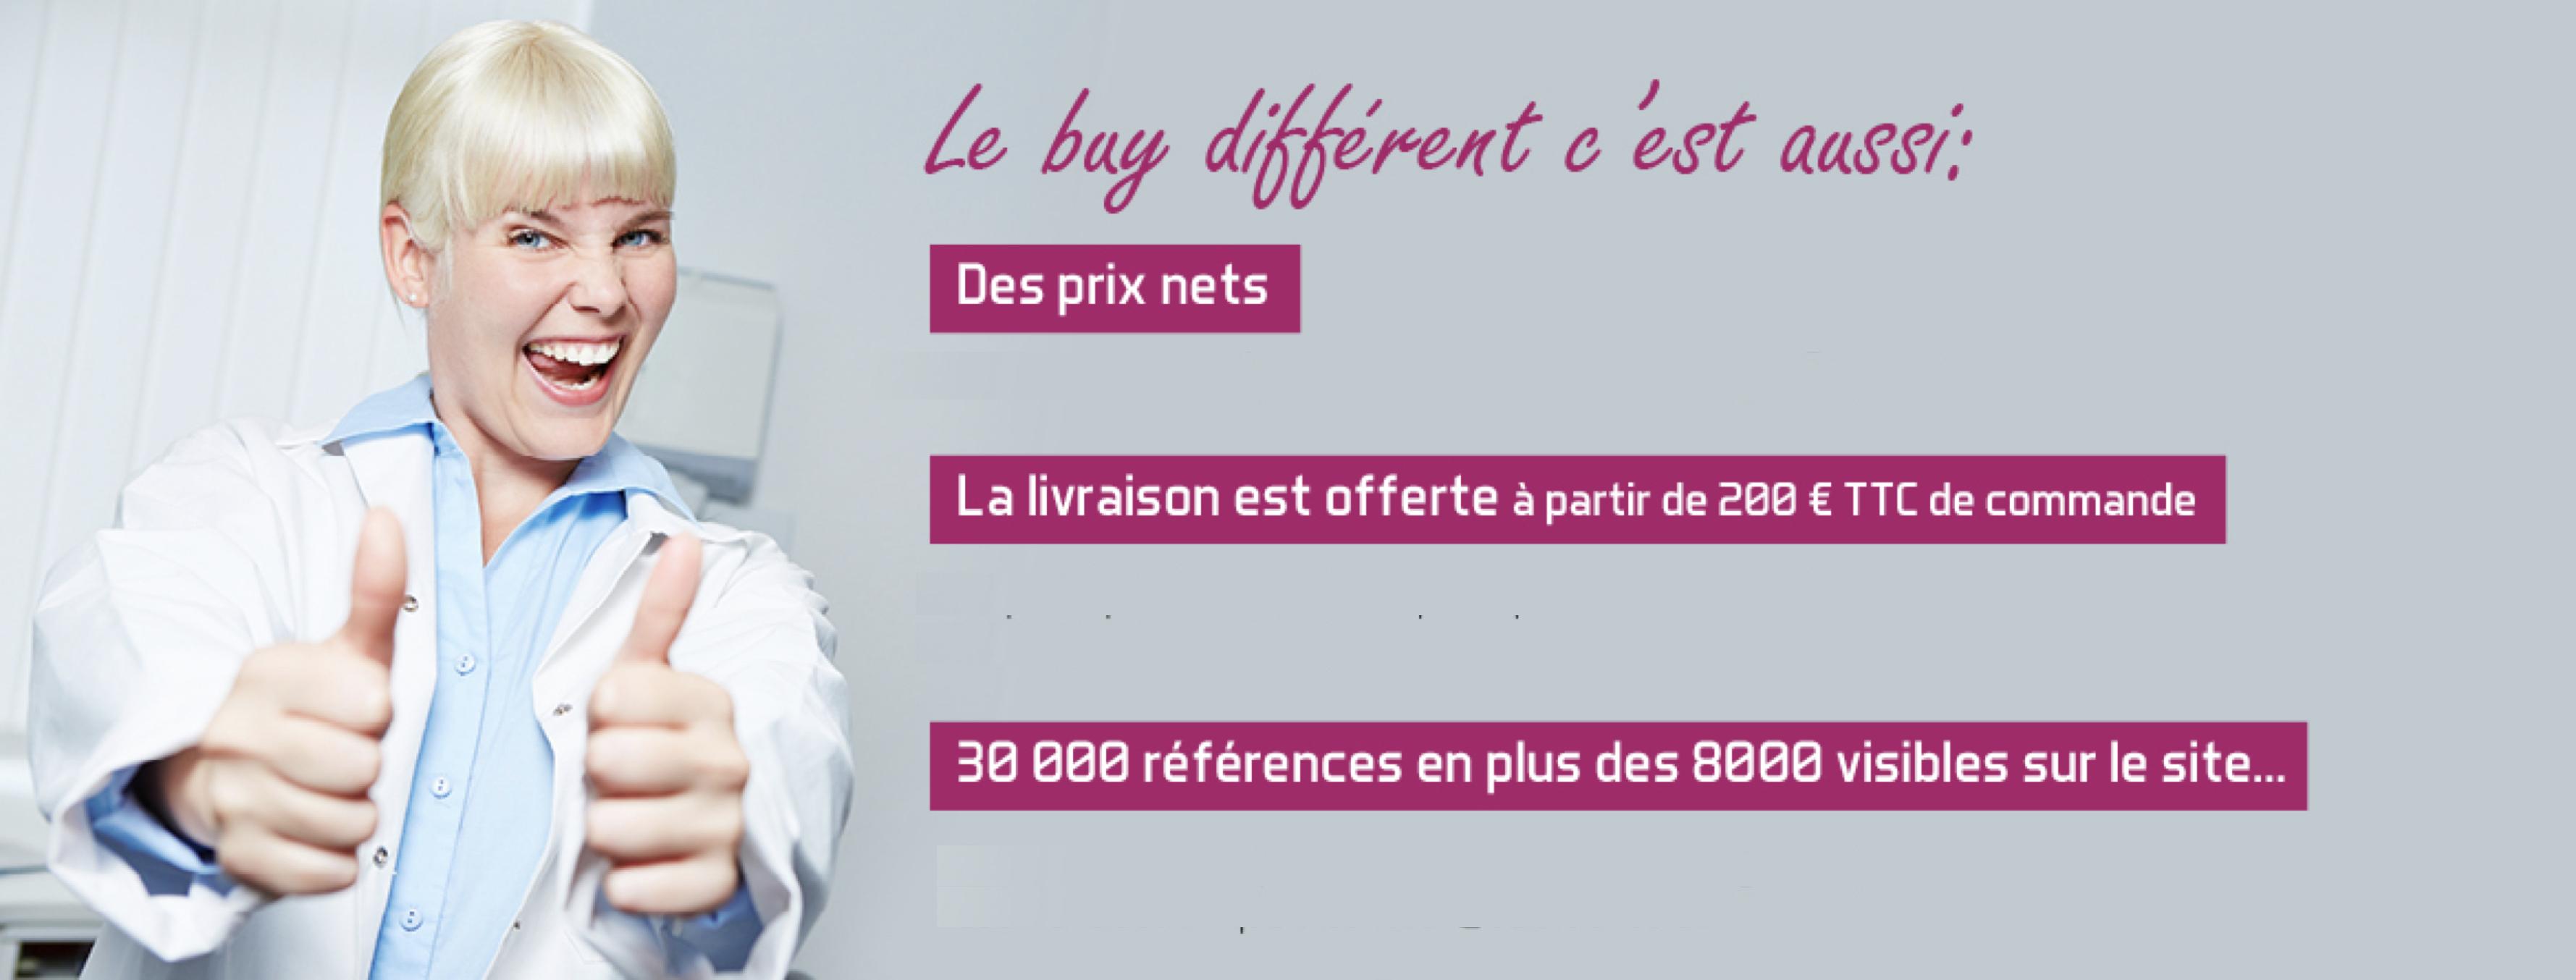 Buy Different c'est aussi des prix nets, la livraison offerte et 30000 références en plus des 8000 visibles sur le site